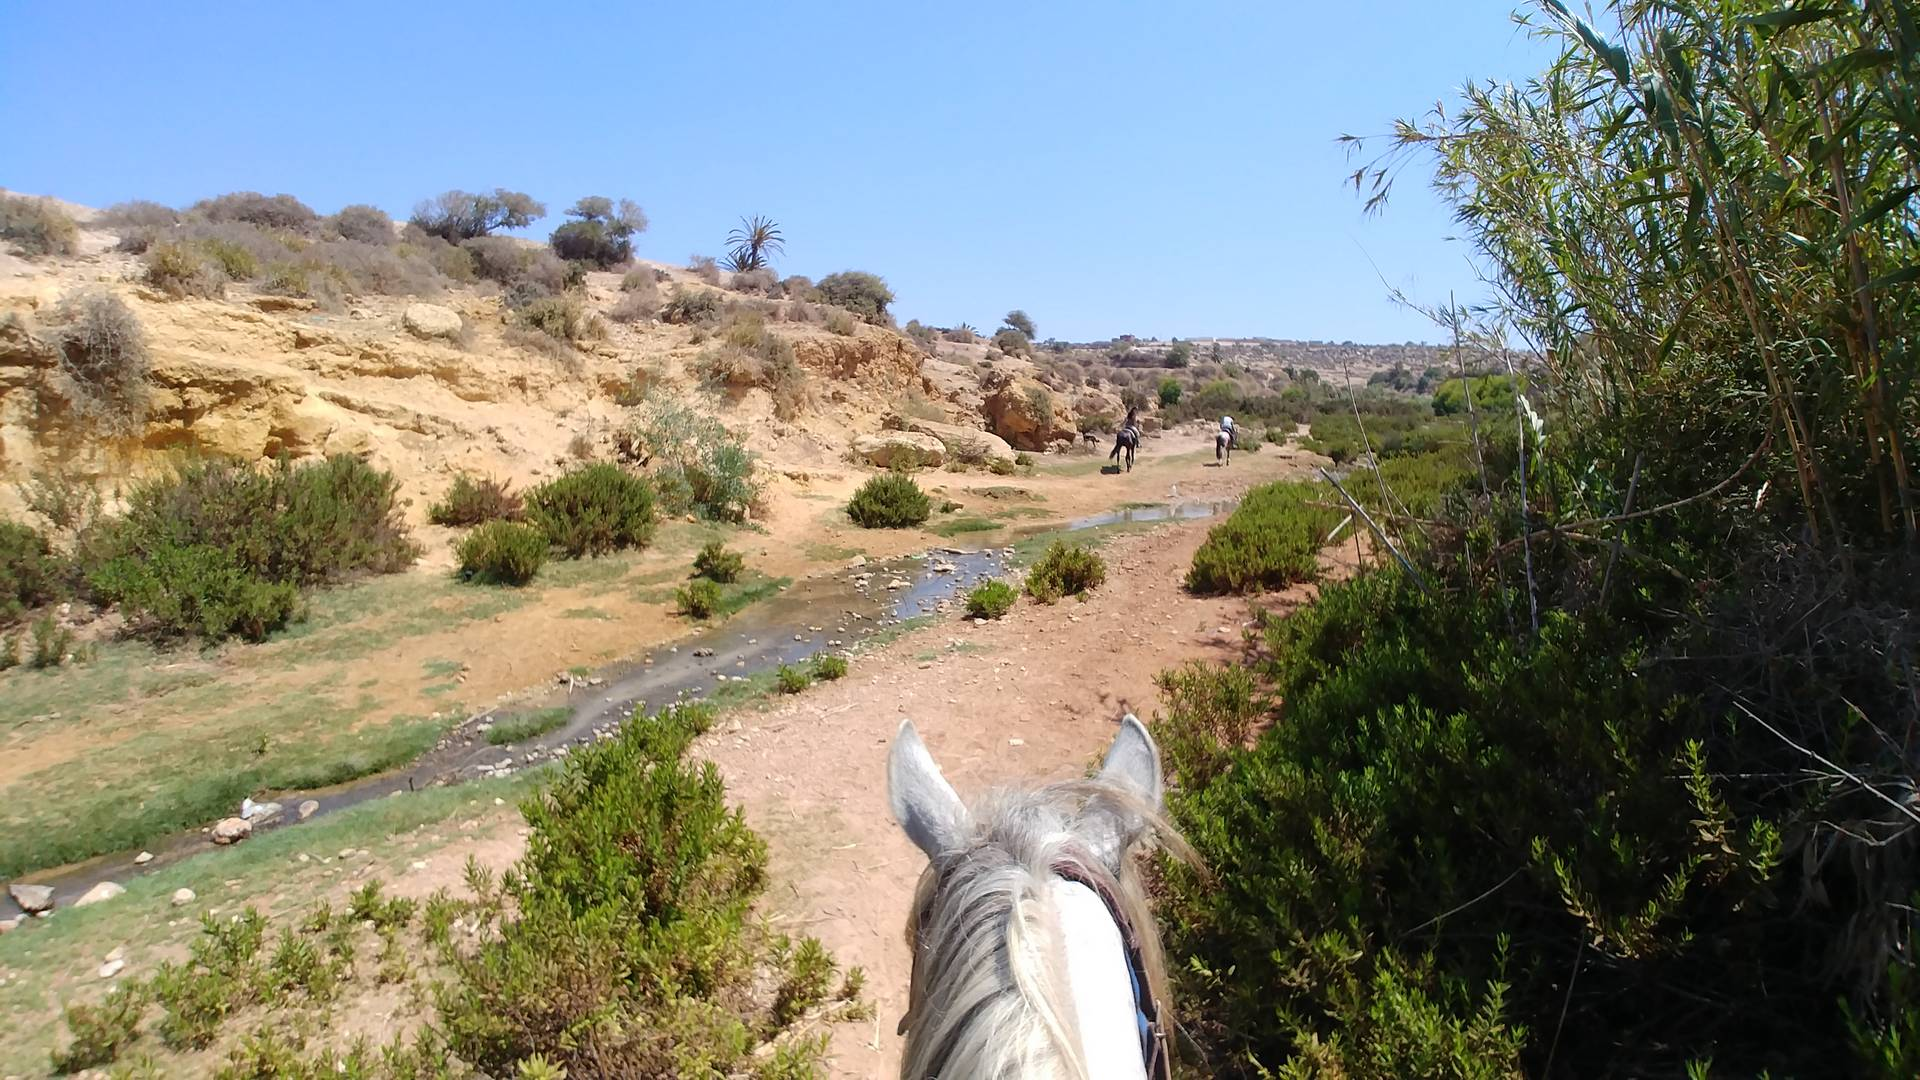 Maroc - Randonnée à cheval à Essaouira